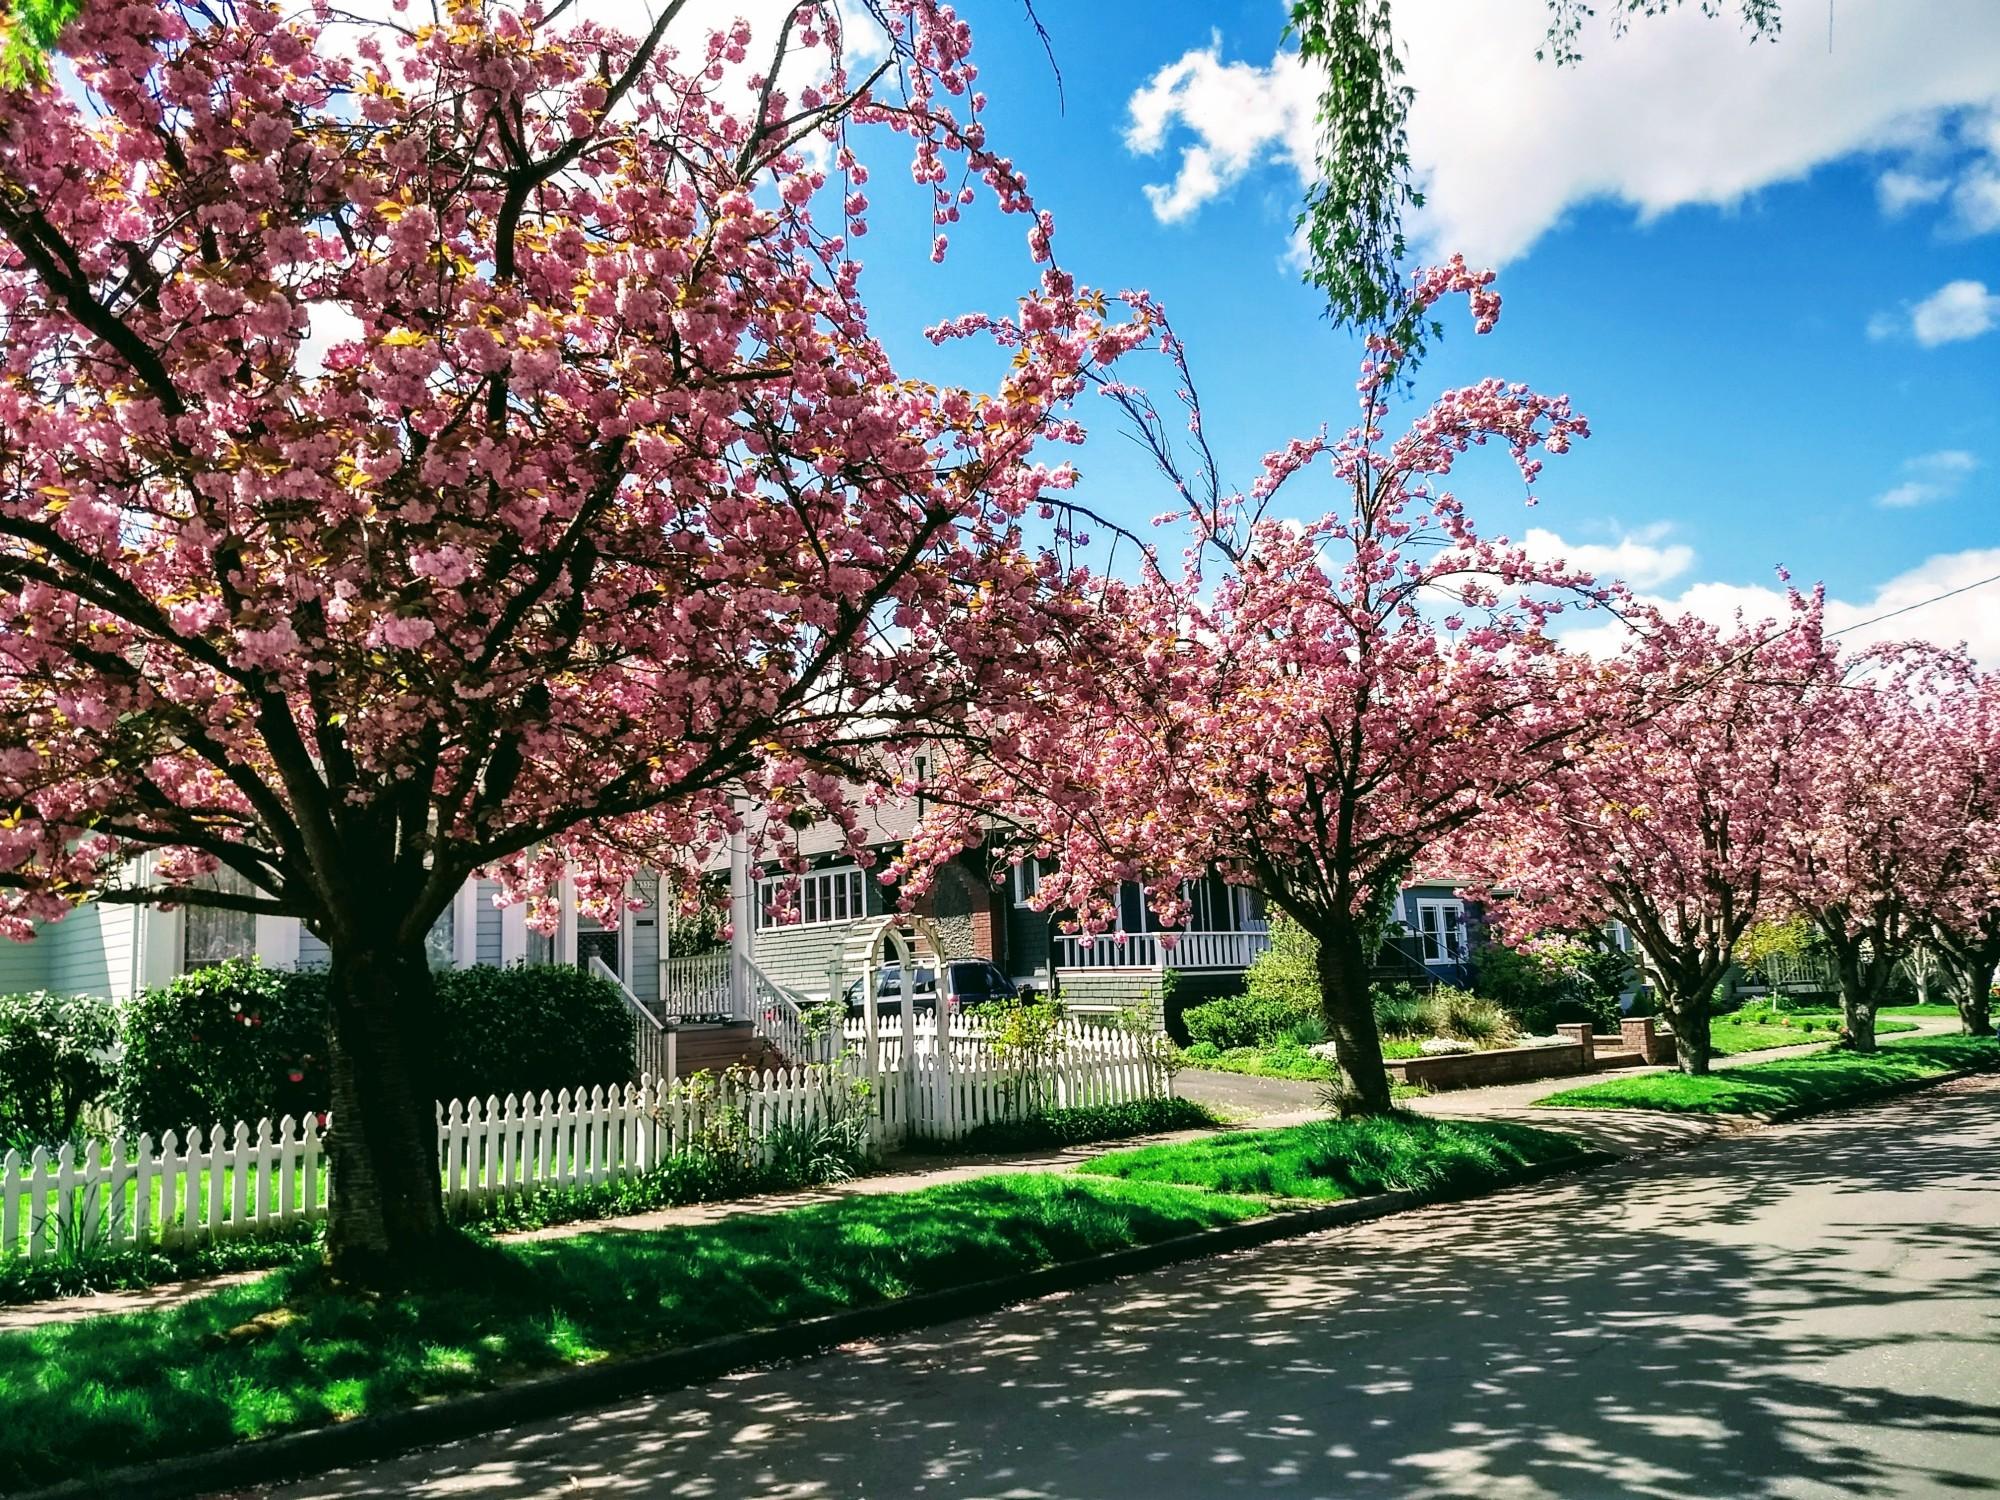 Blooming trees pink portland Oregon Sunnyside neighborhood tree lined street